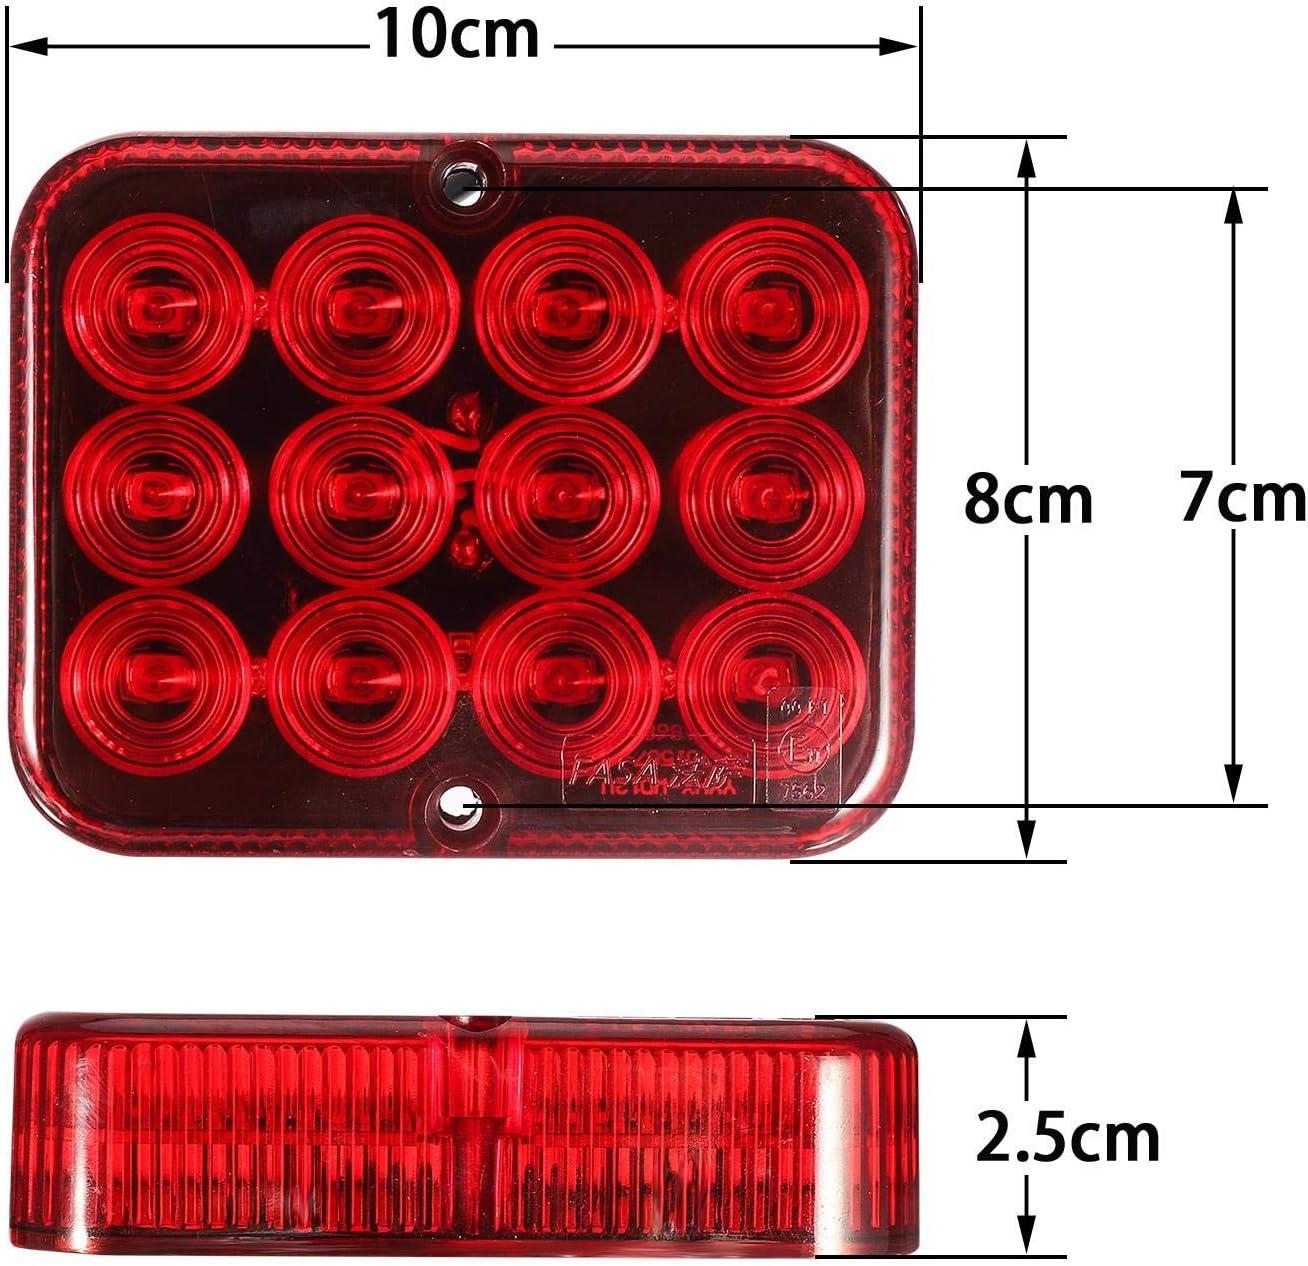 PARTSAM 2pcs feu antibrouillard LED rouge feu antibrouillard arri/ère 12V pour remorque camion caravane ect.